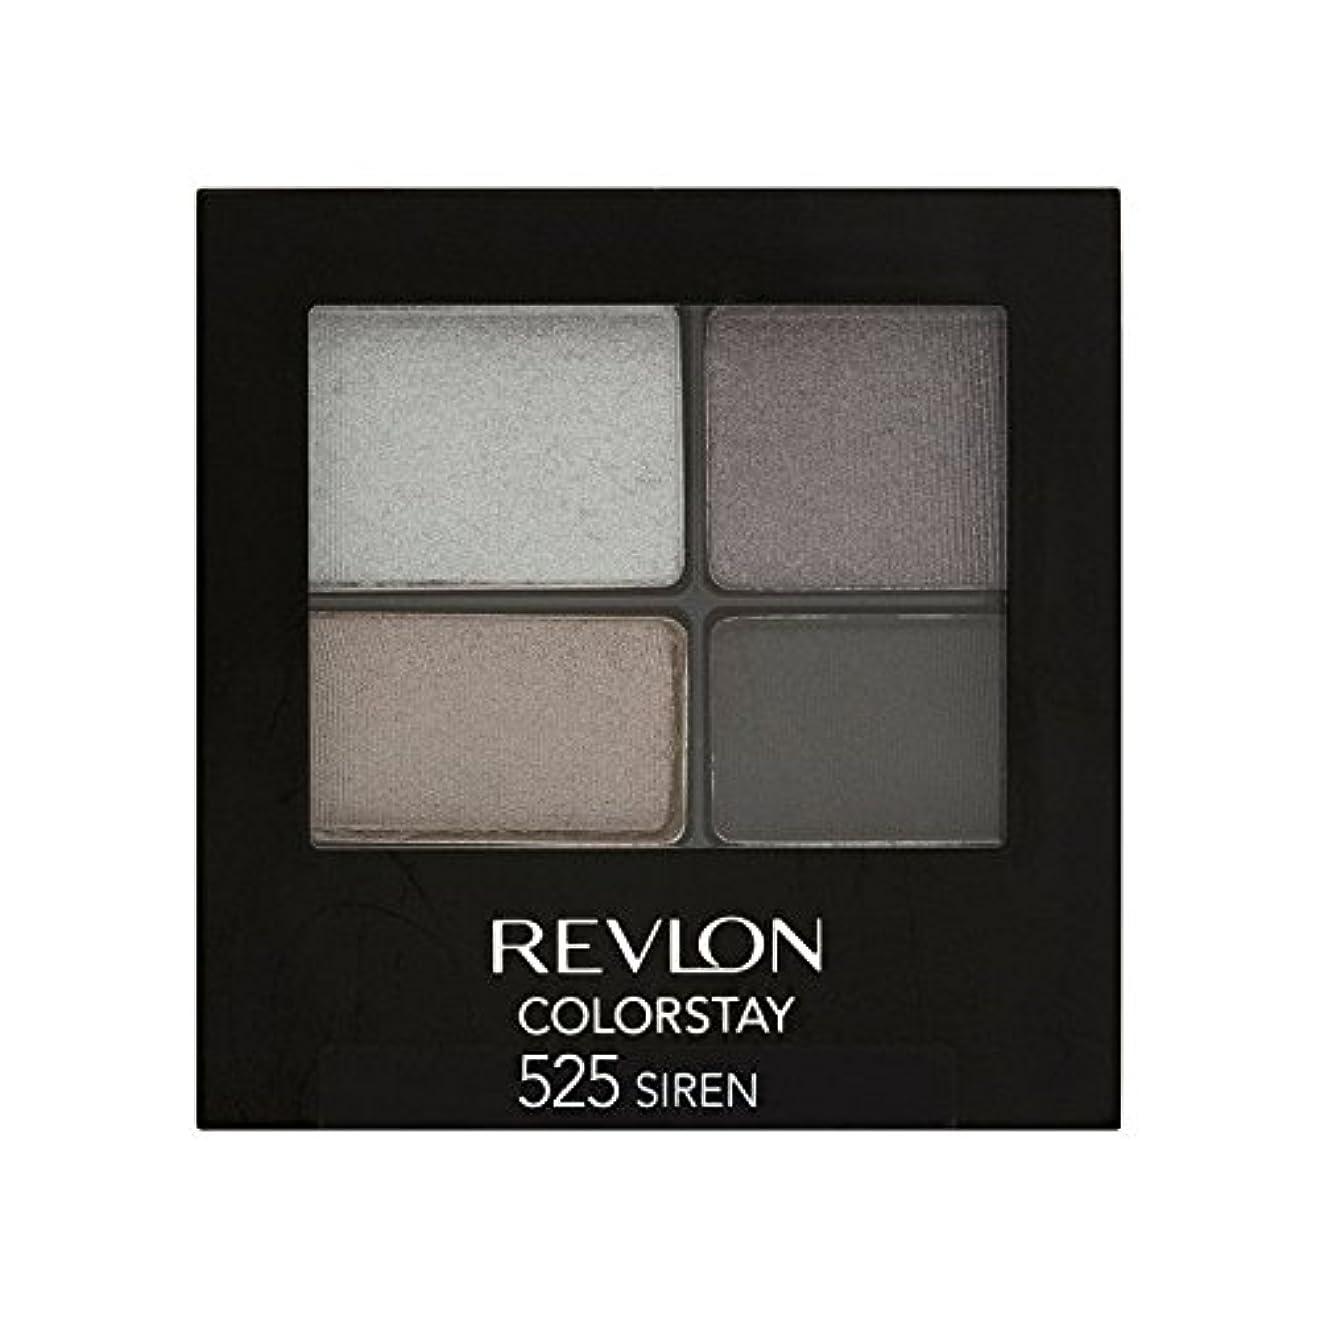 とまり木光電賛辞Revlon Colorstay 16 Hour Eye Shadow Siren 525 - レブロンの 16時間アイシャドウサイレン525 [並行輸入品]